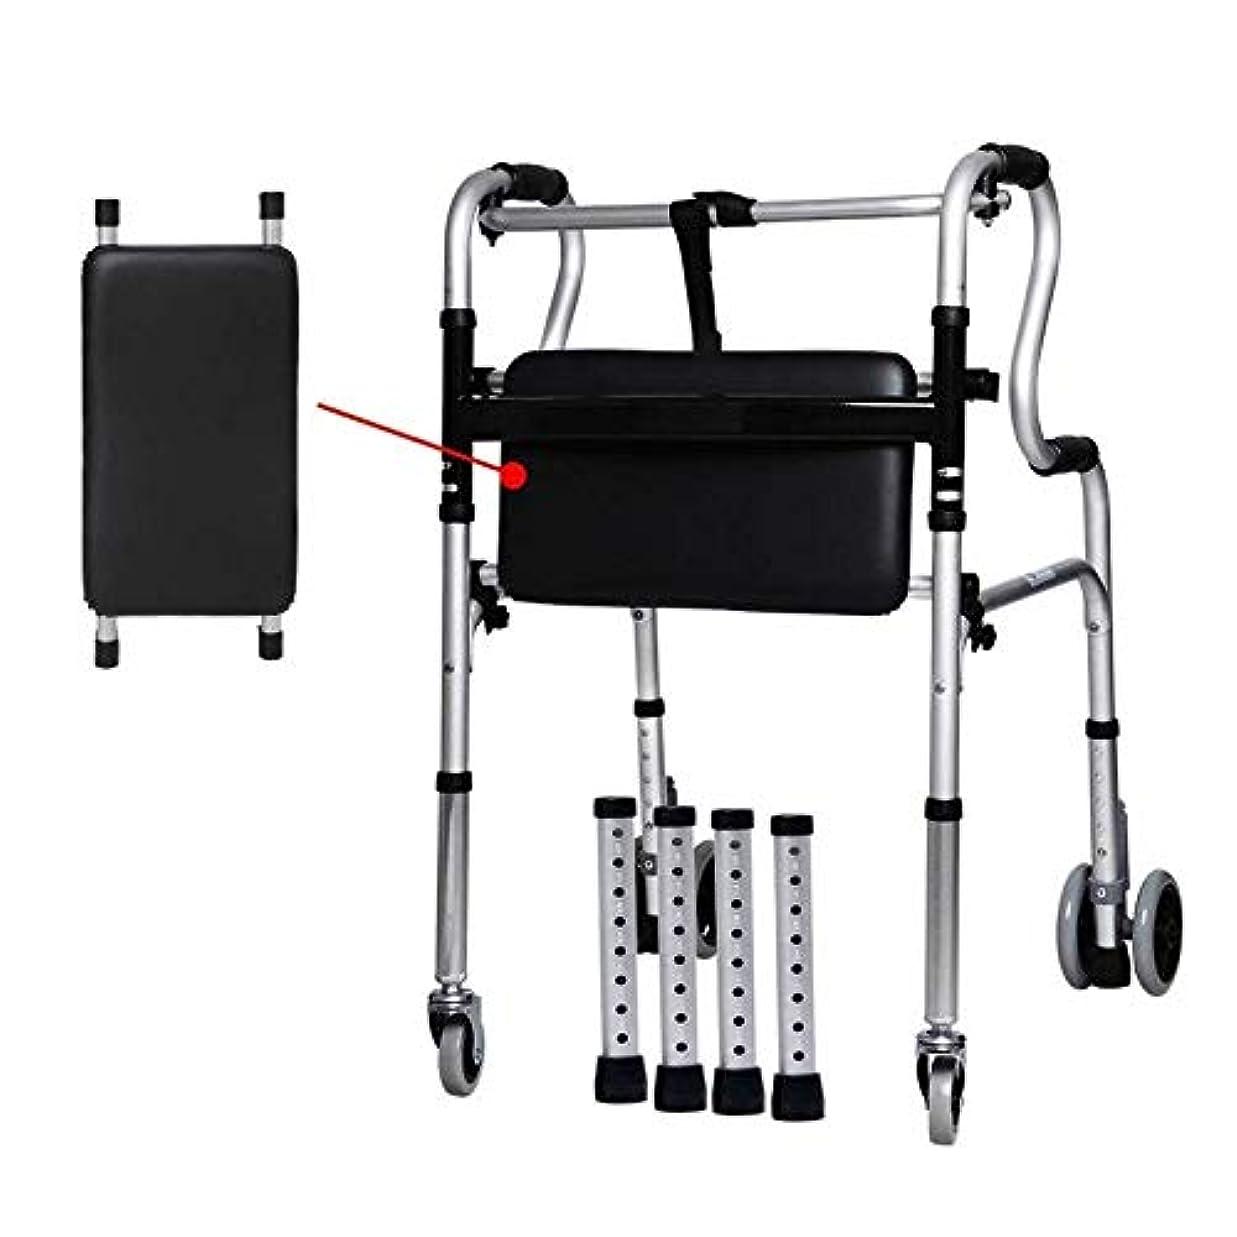 王女勢い遅らせる車輪が付いている折る歩行者、不具の高齢者のためのロックできるブレーキが付いている軽いアルミ合金4輪歩行者